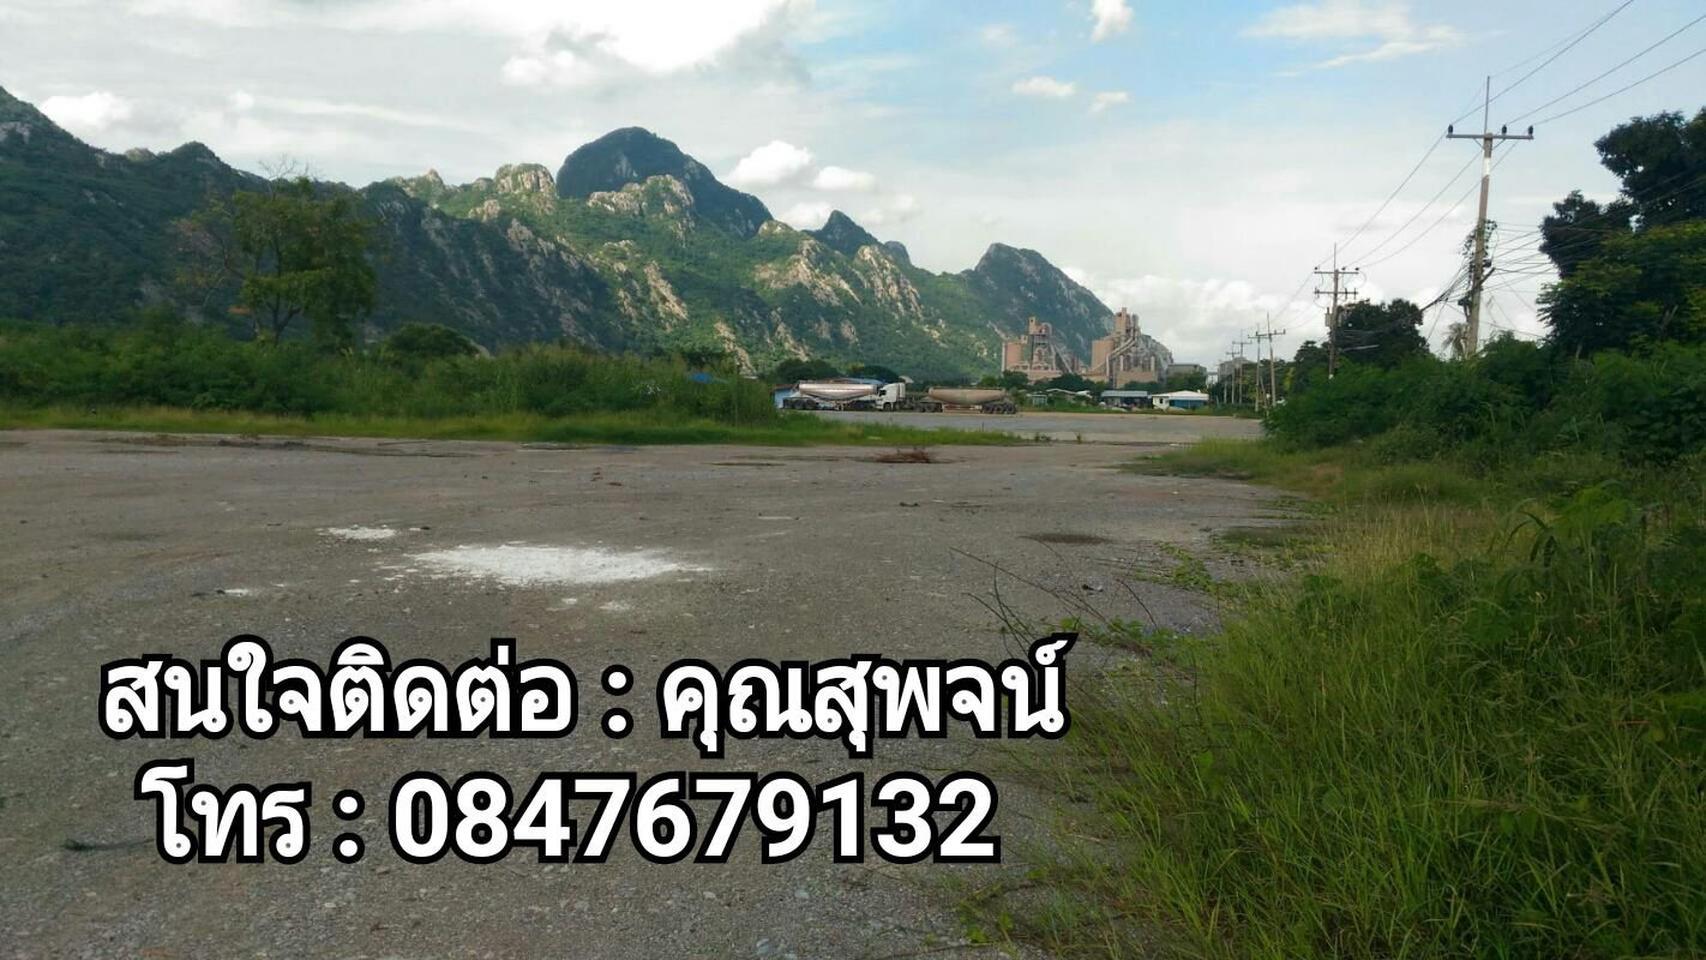 ขายที่ดิน 34 ไร่ 3 งาน 77 ตารางวา อำเภอพระพุทธบาท จัหวัดสระบุรี รูปที่ 1